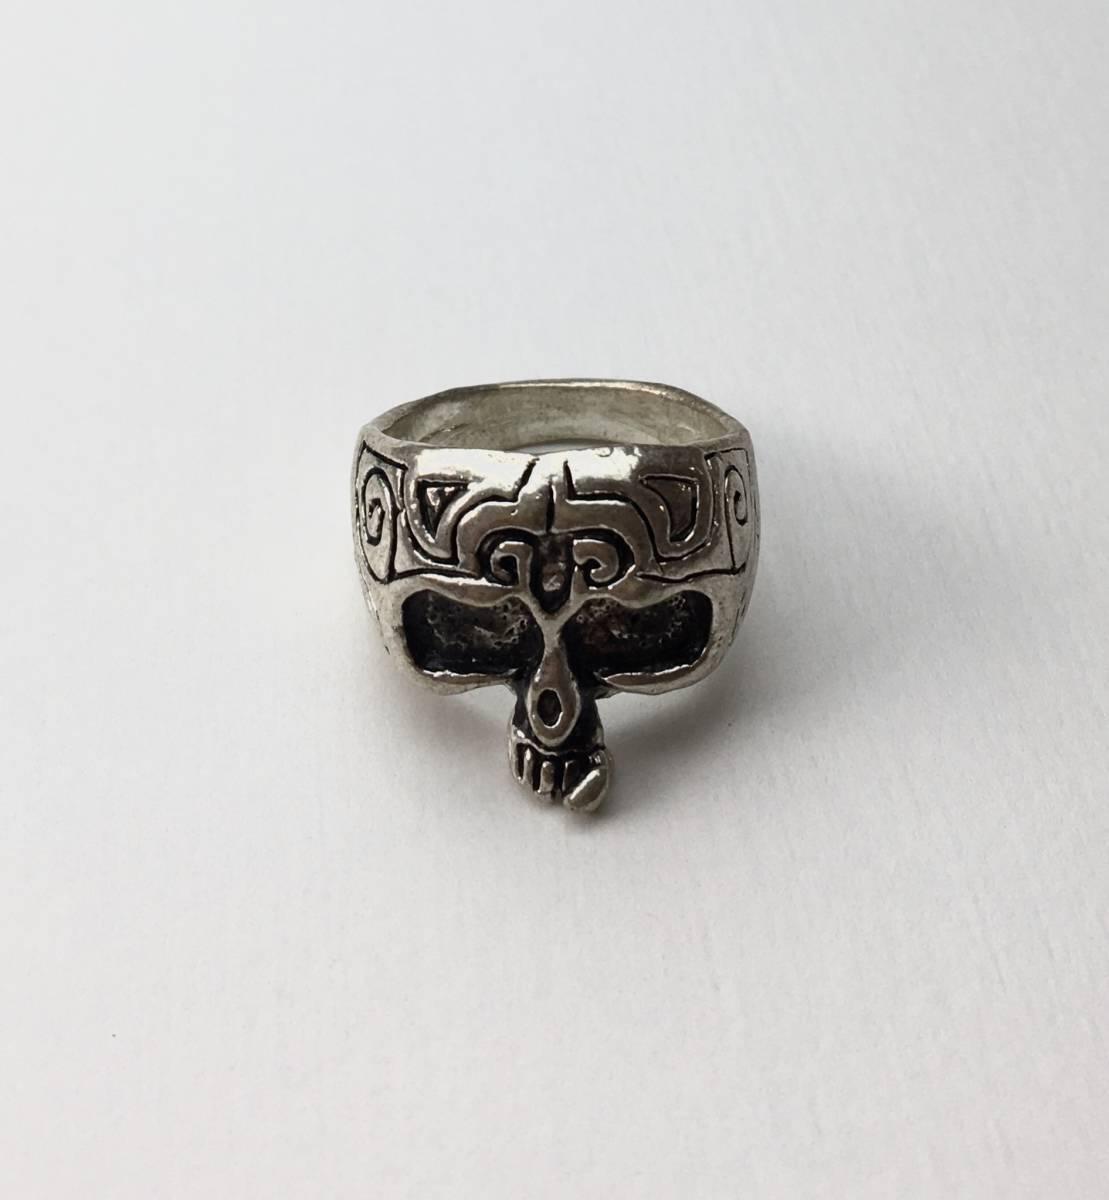 スカル リング 指輪 髑髏 ドクロ 骸骨 ガイコツ SKULL シルバーアクセサリー アンティーク アメリカ USA 雑貨 ヴィンテージ vintage 6_画像1